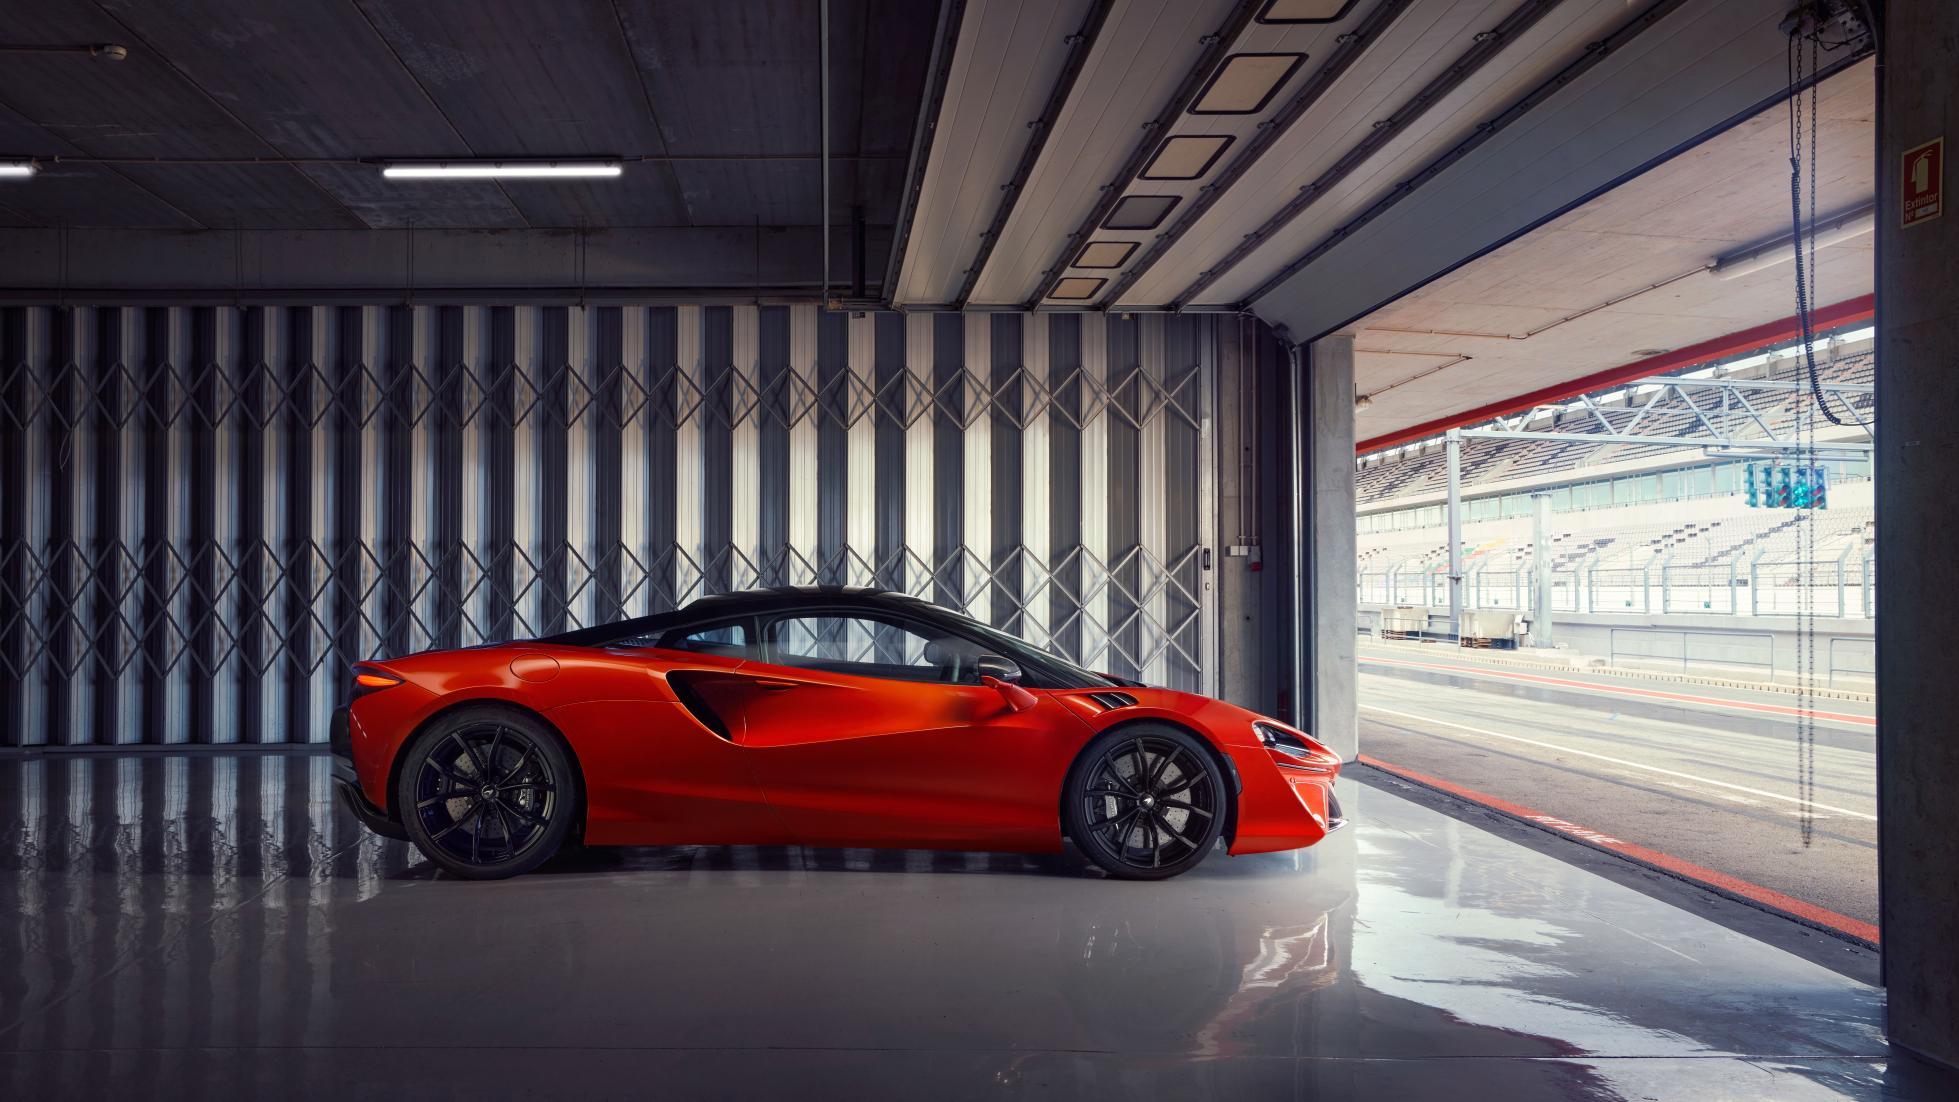 McLaren Artura parked indoors